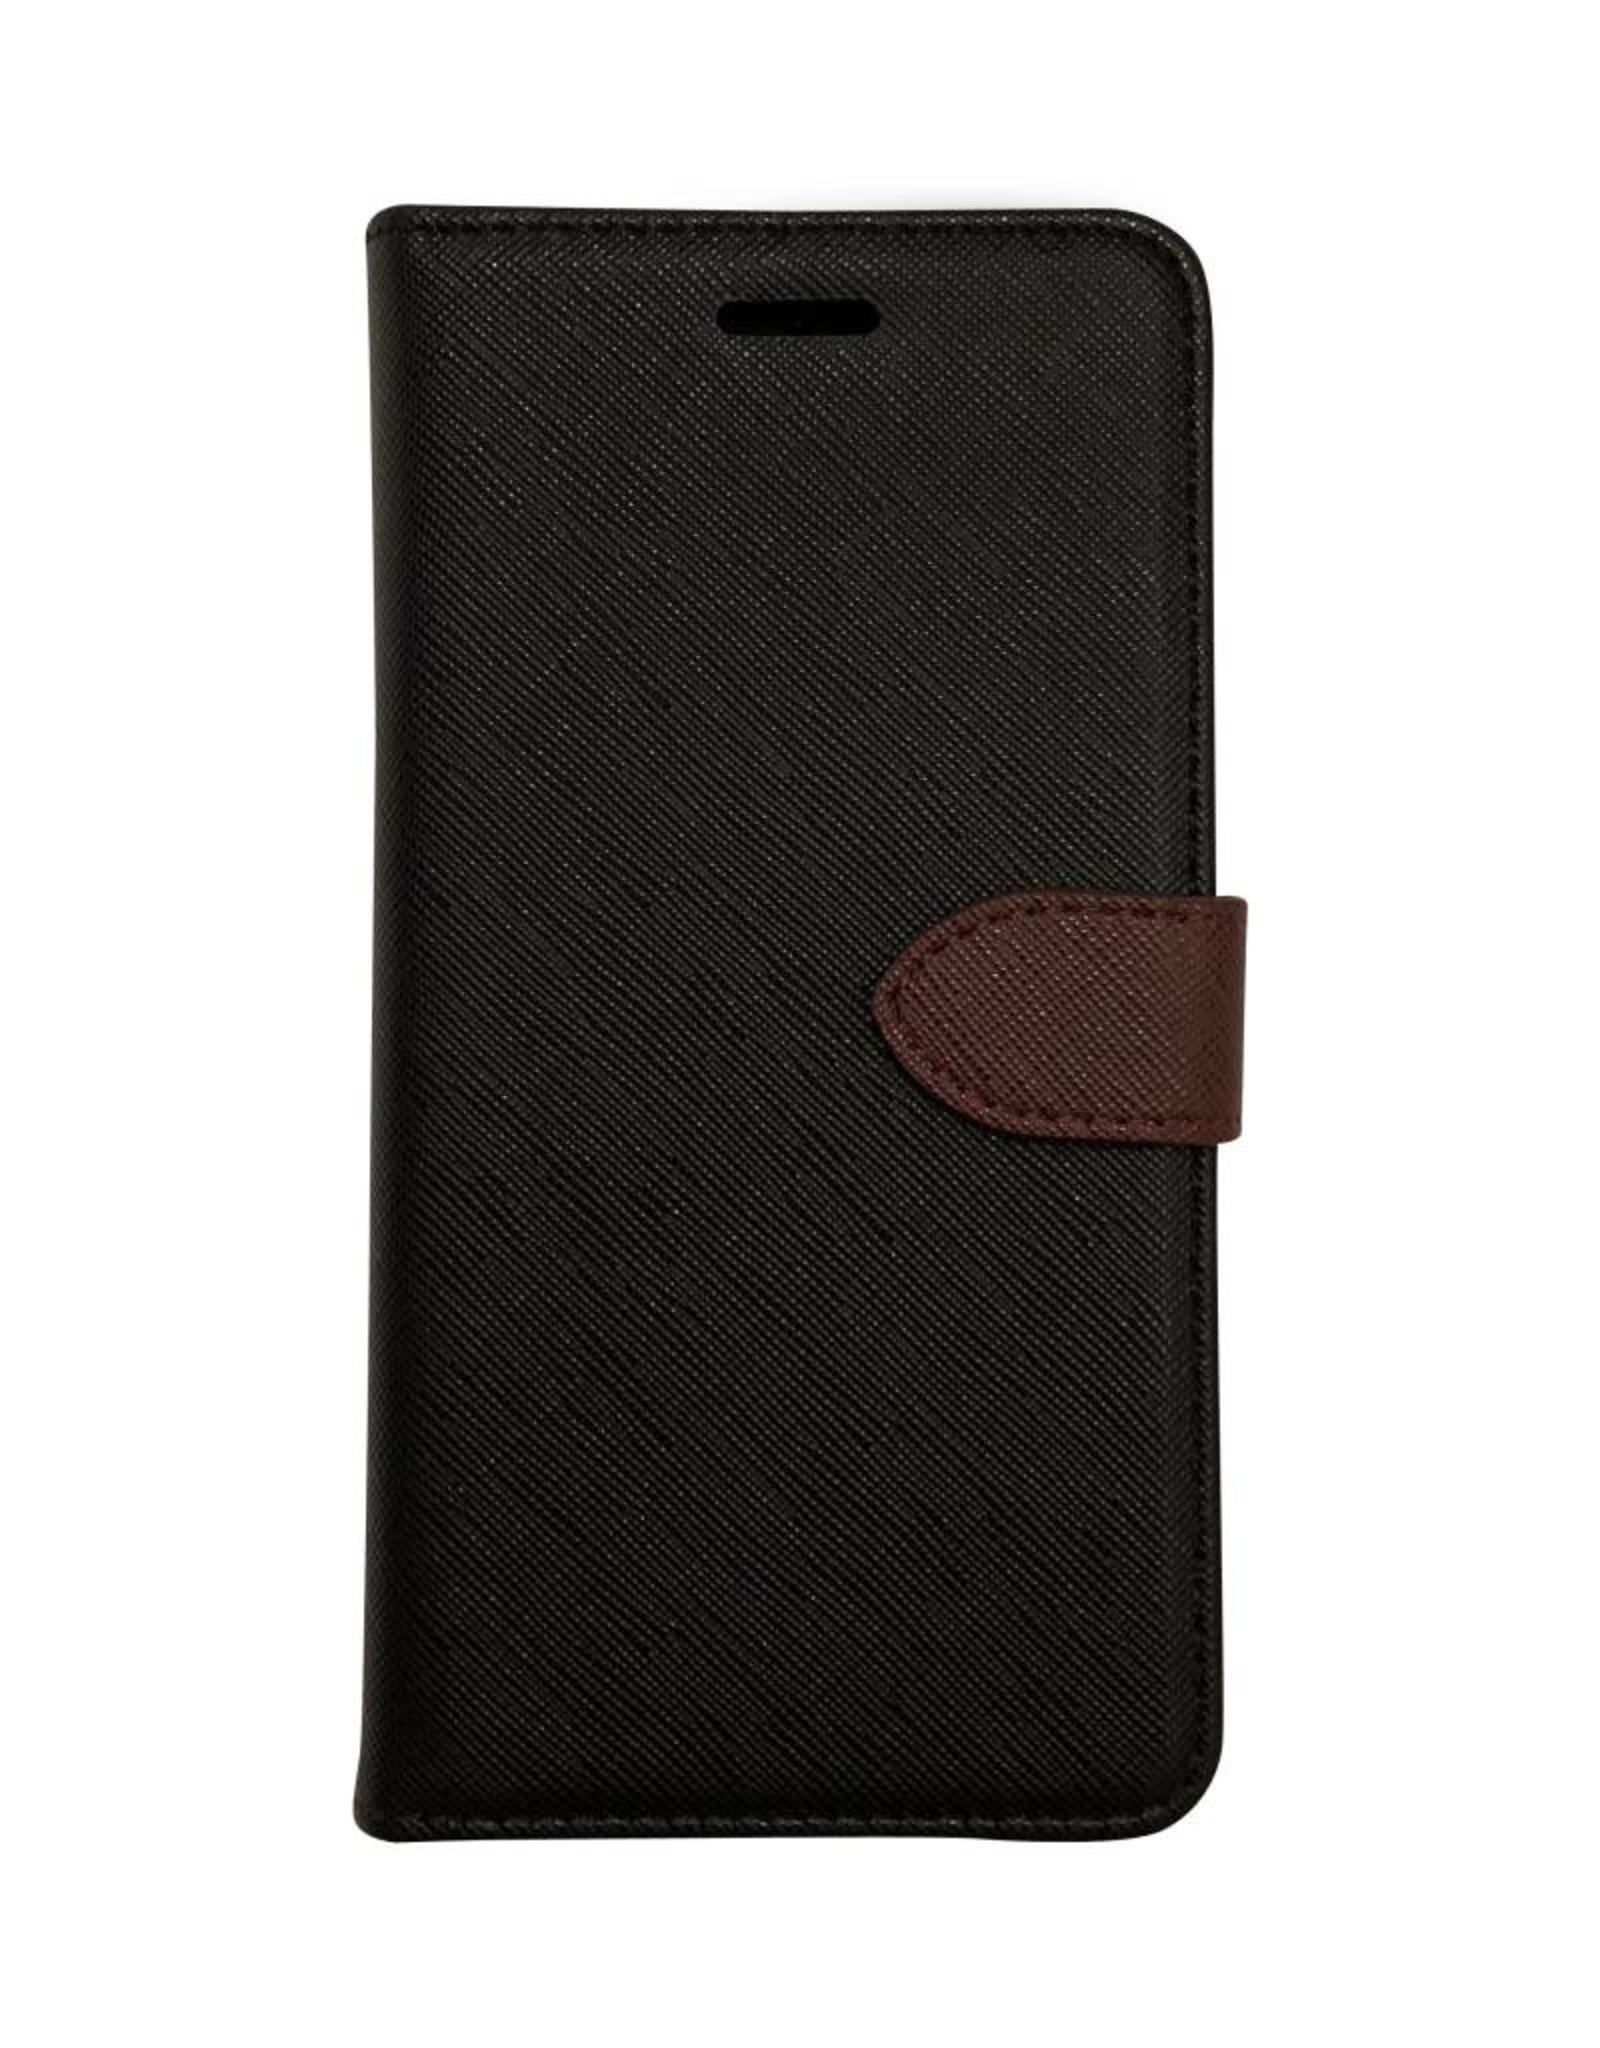 Blu Element Blu Element   iPhone Xs Max  2 in 1 Folio Case Black/Brown   120-0822